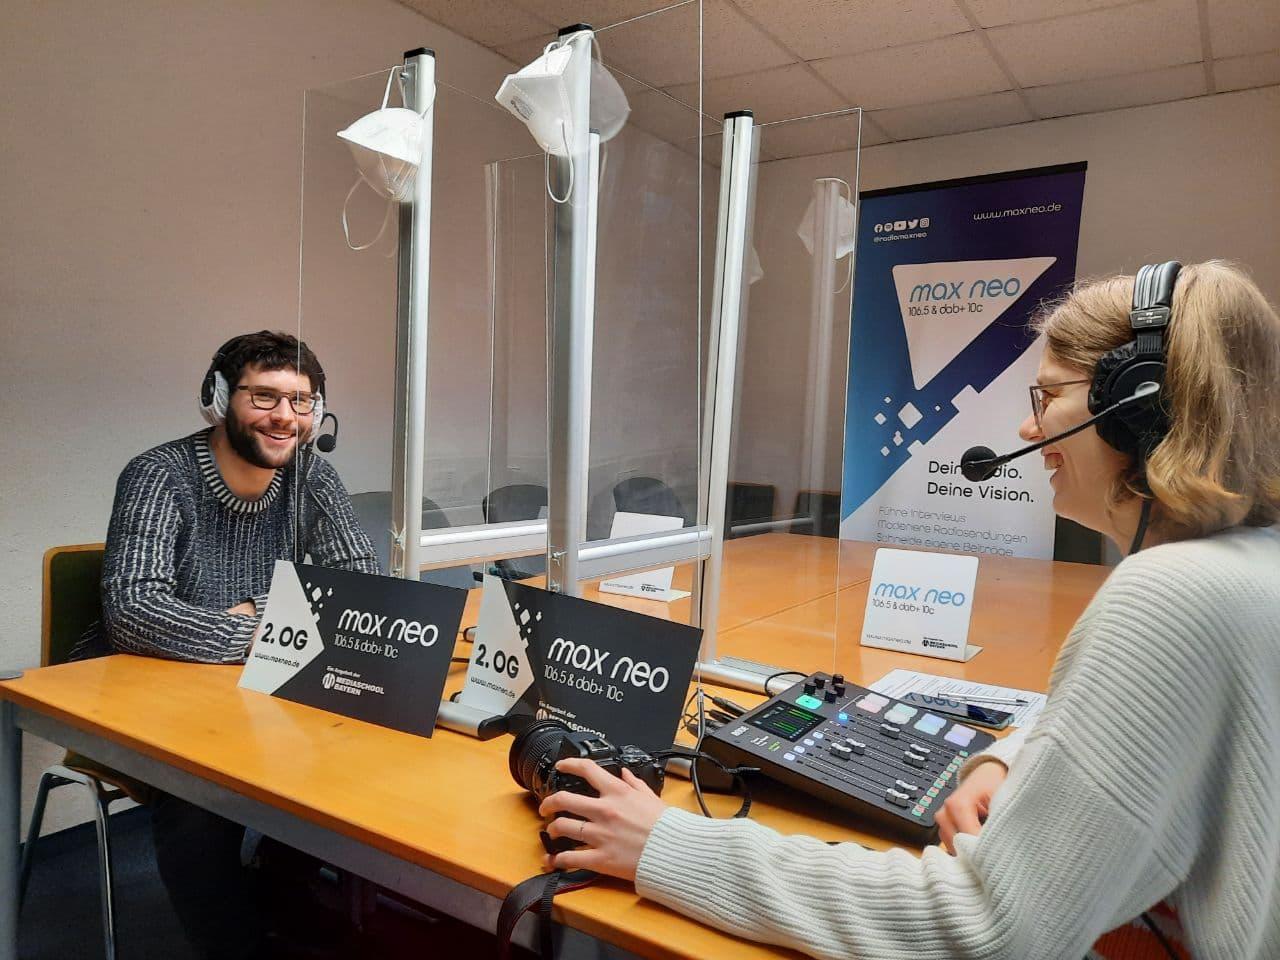 Auf dem Foto sind Yves Simon und Lena Schnelle bei der Podcastaufnahme zu sehen.